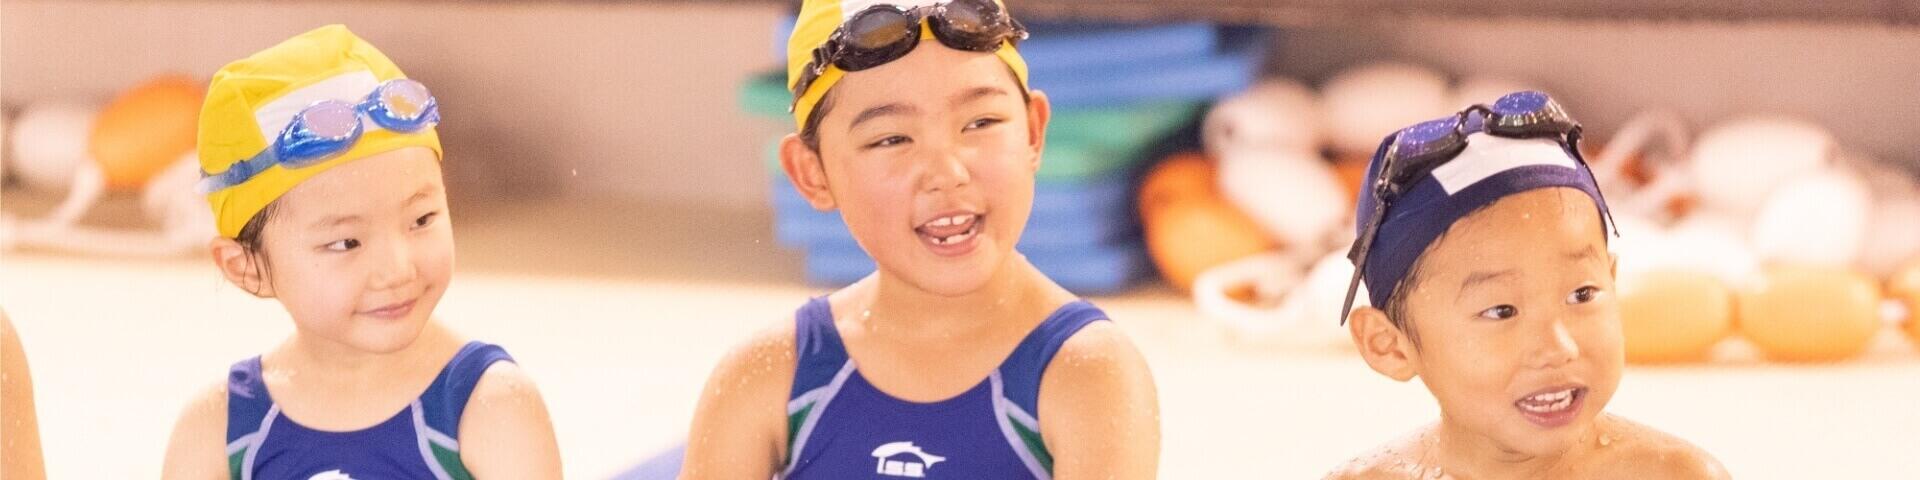 イトマンスイミングスクール 水泳教室